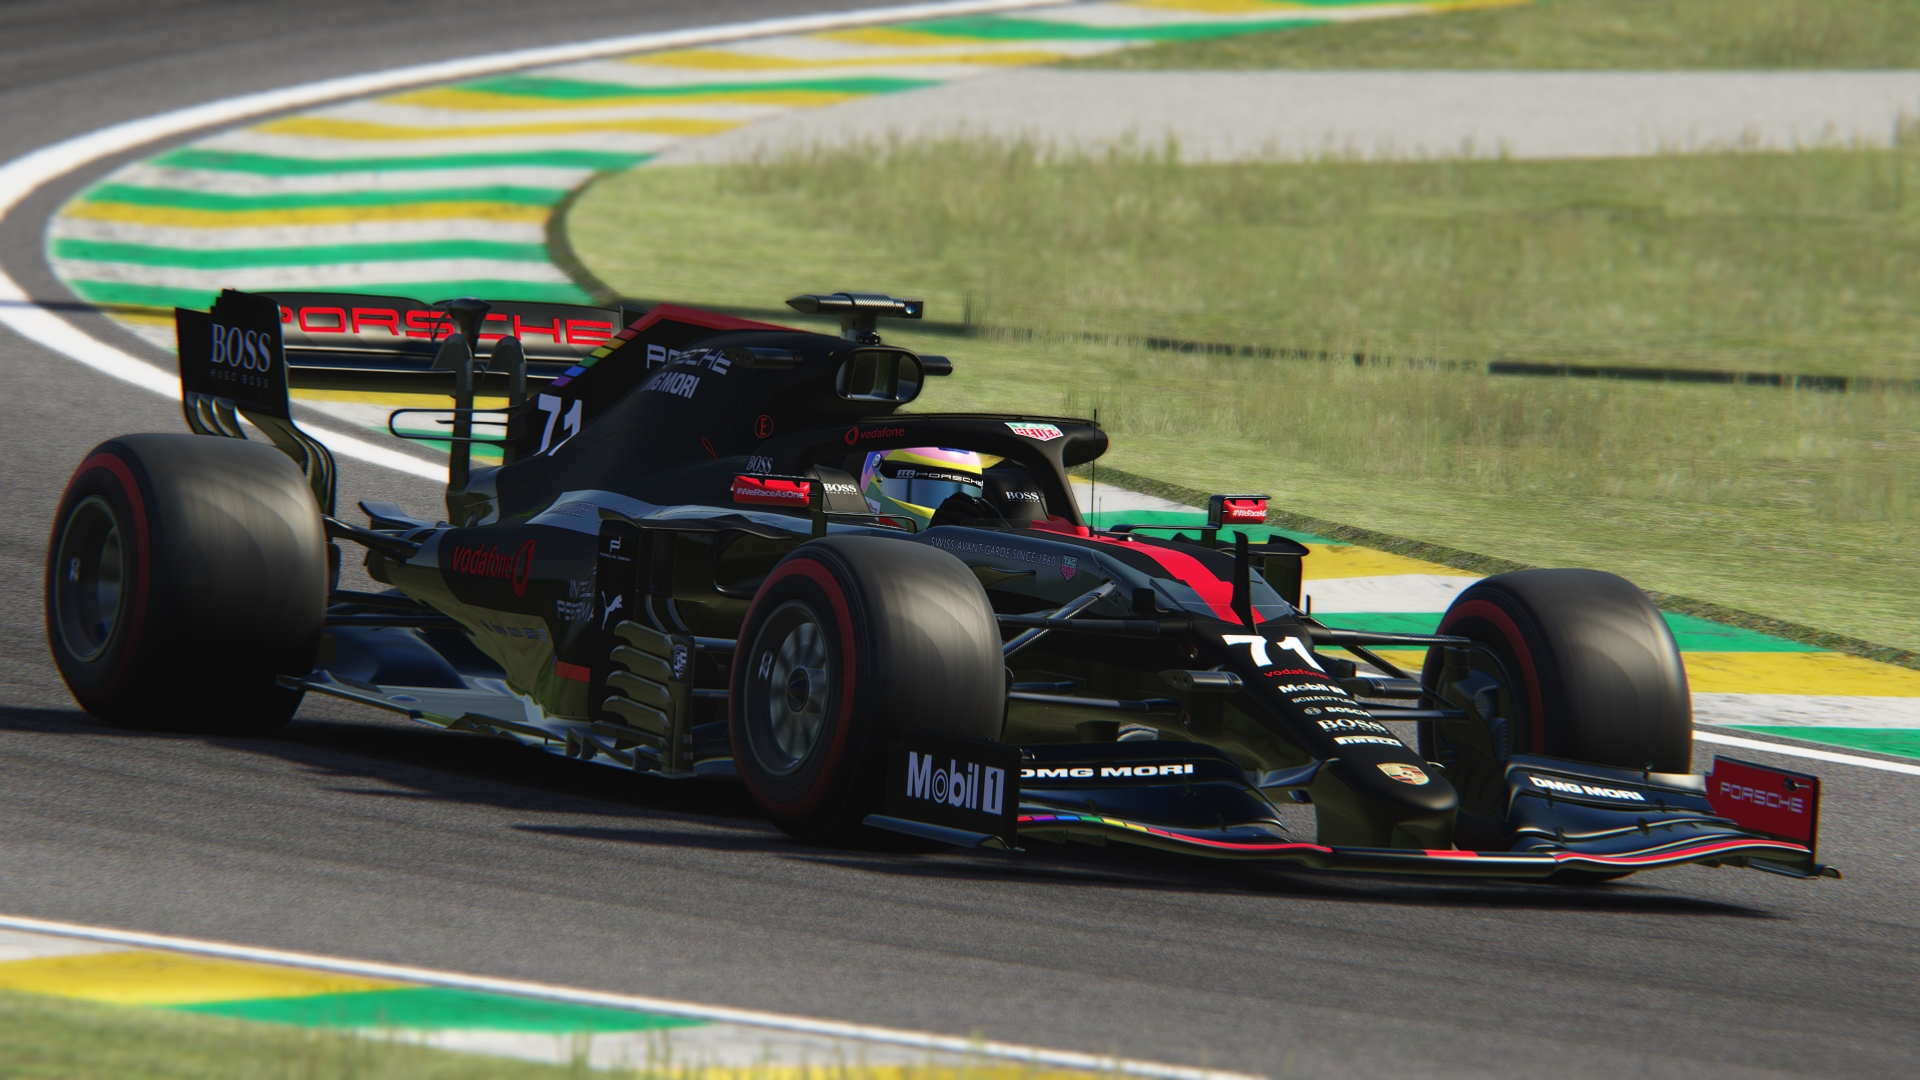 Screenshot_rss_formula_hybrid_2021_21_brazil_gp21_2-7-121-22-53-42.jpg